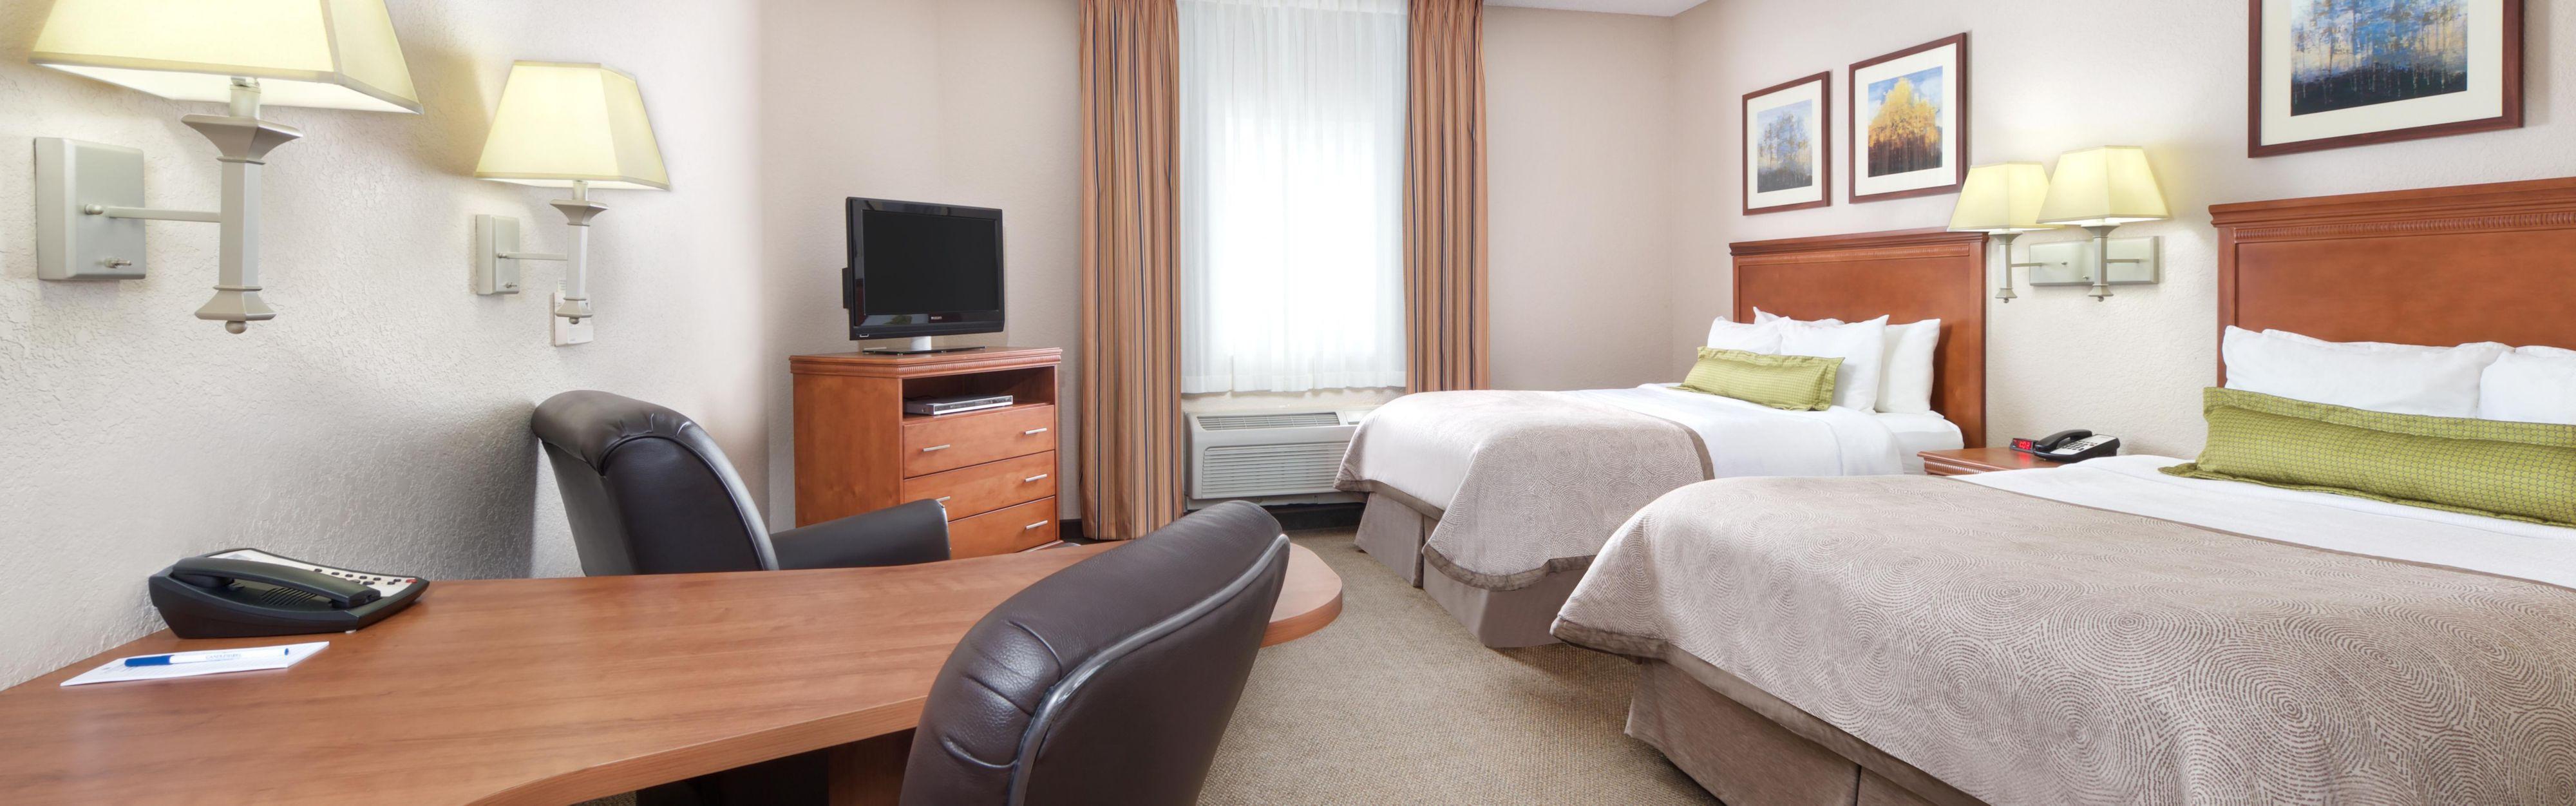 Candlewood Suites Kenosha image 1